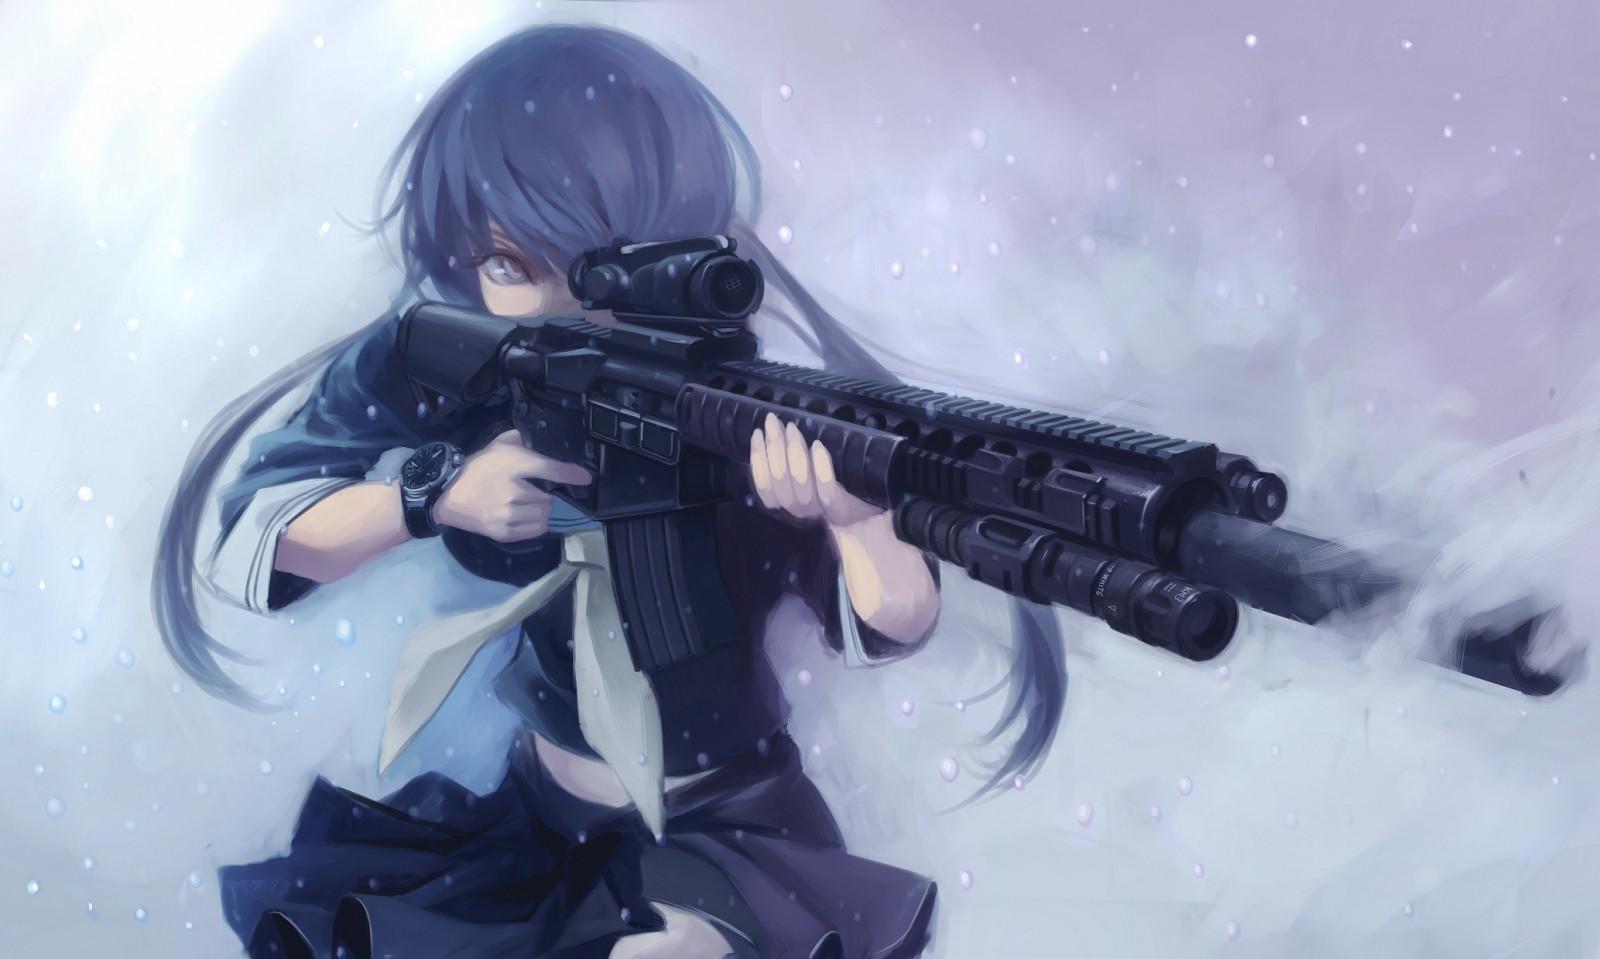 Картинки девушек с оружием из аниме, поздравления